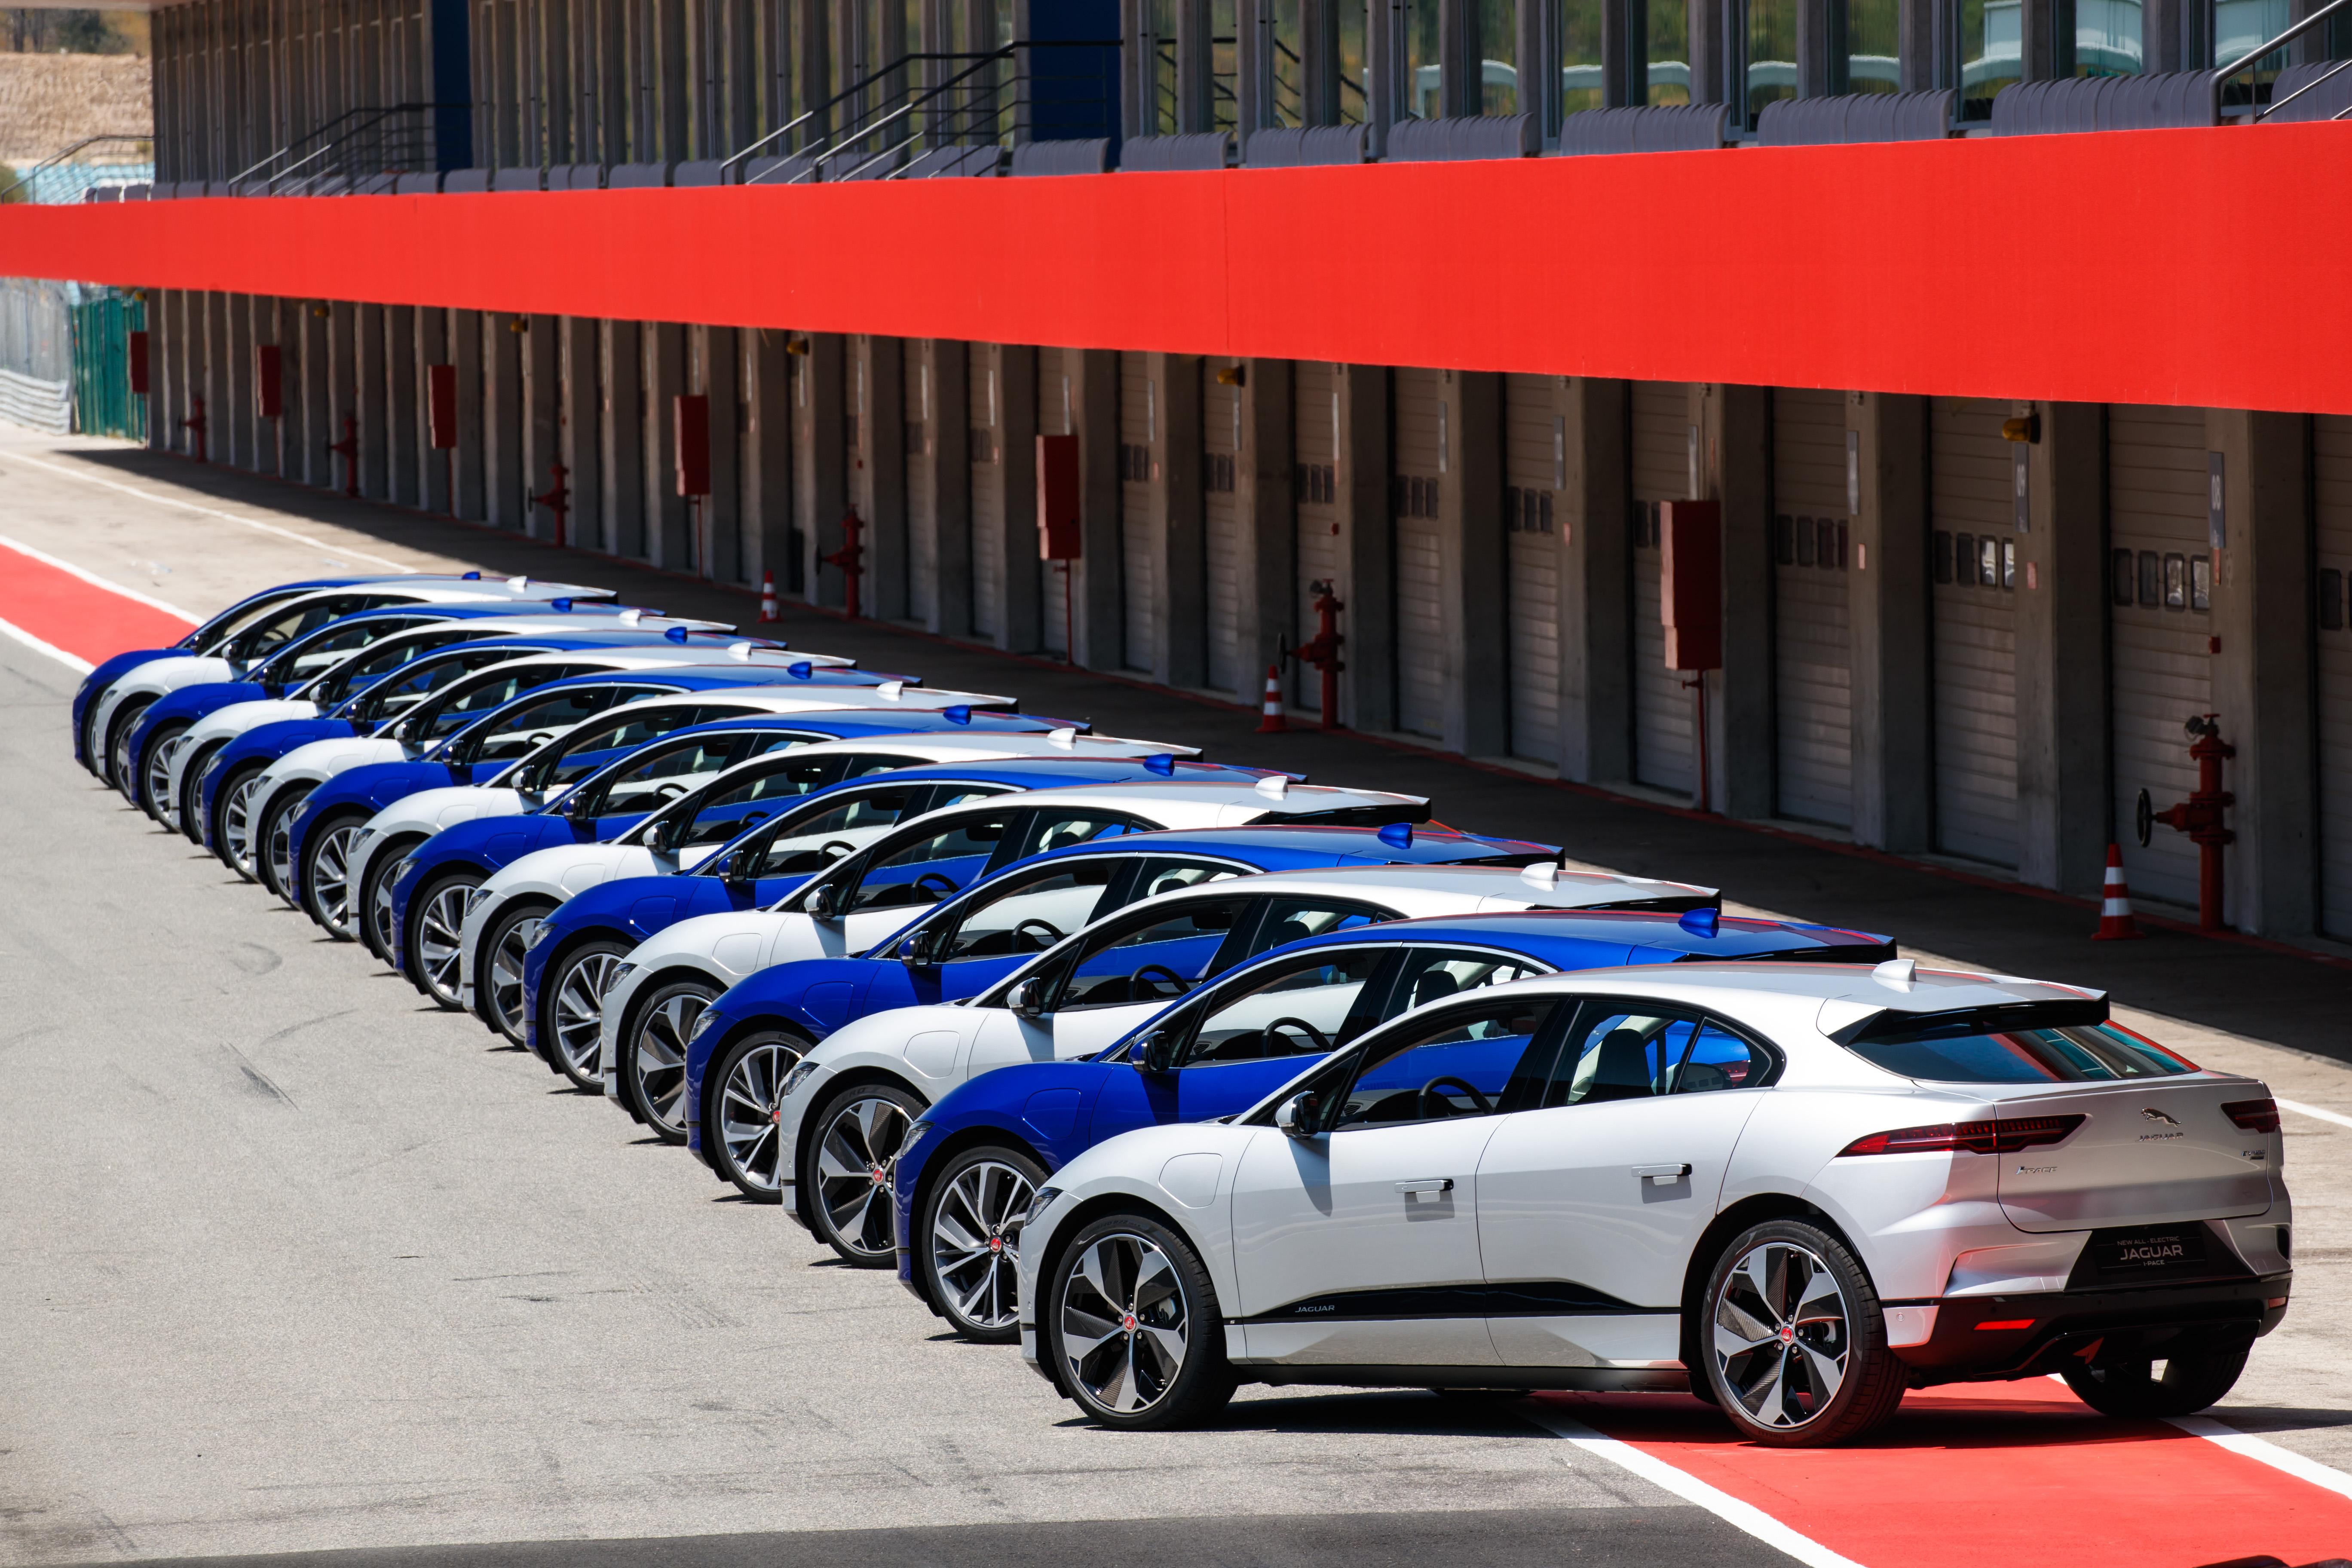 Jaguar I-Pace no Autódromo de Portimão, no Algarve.